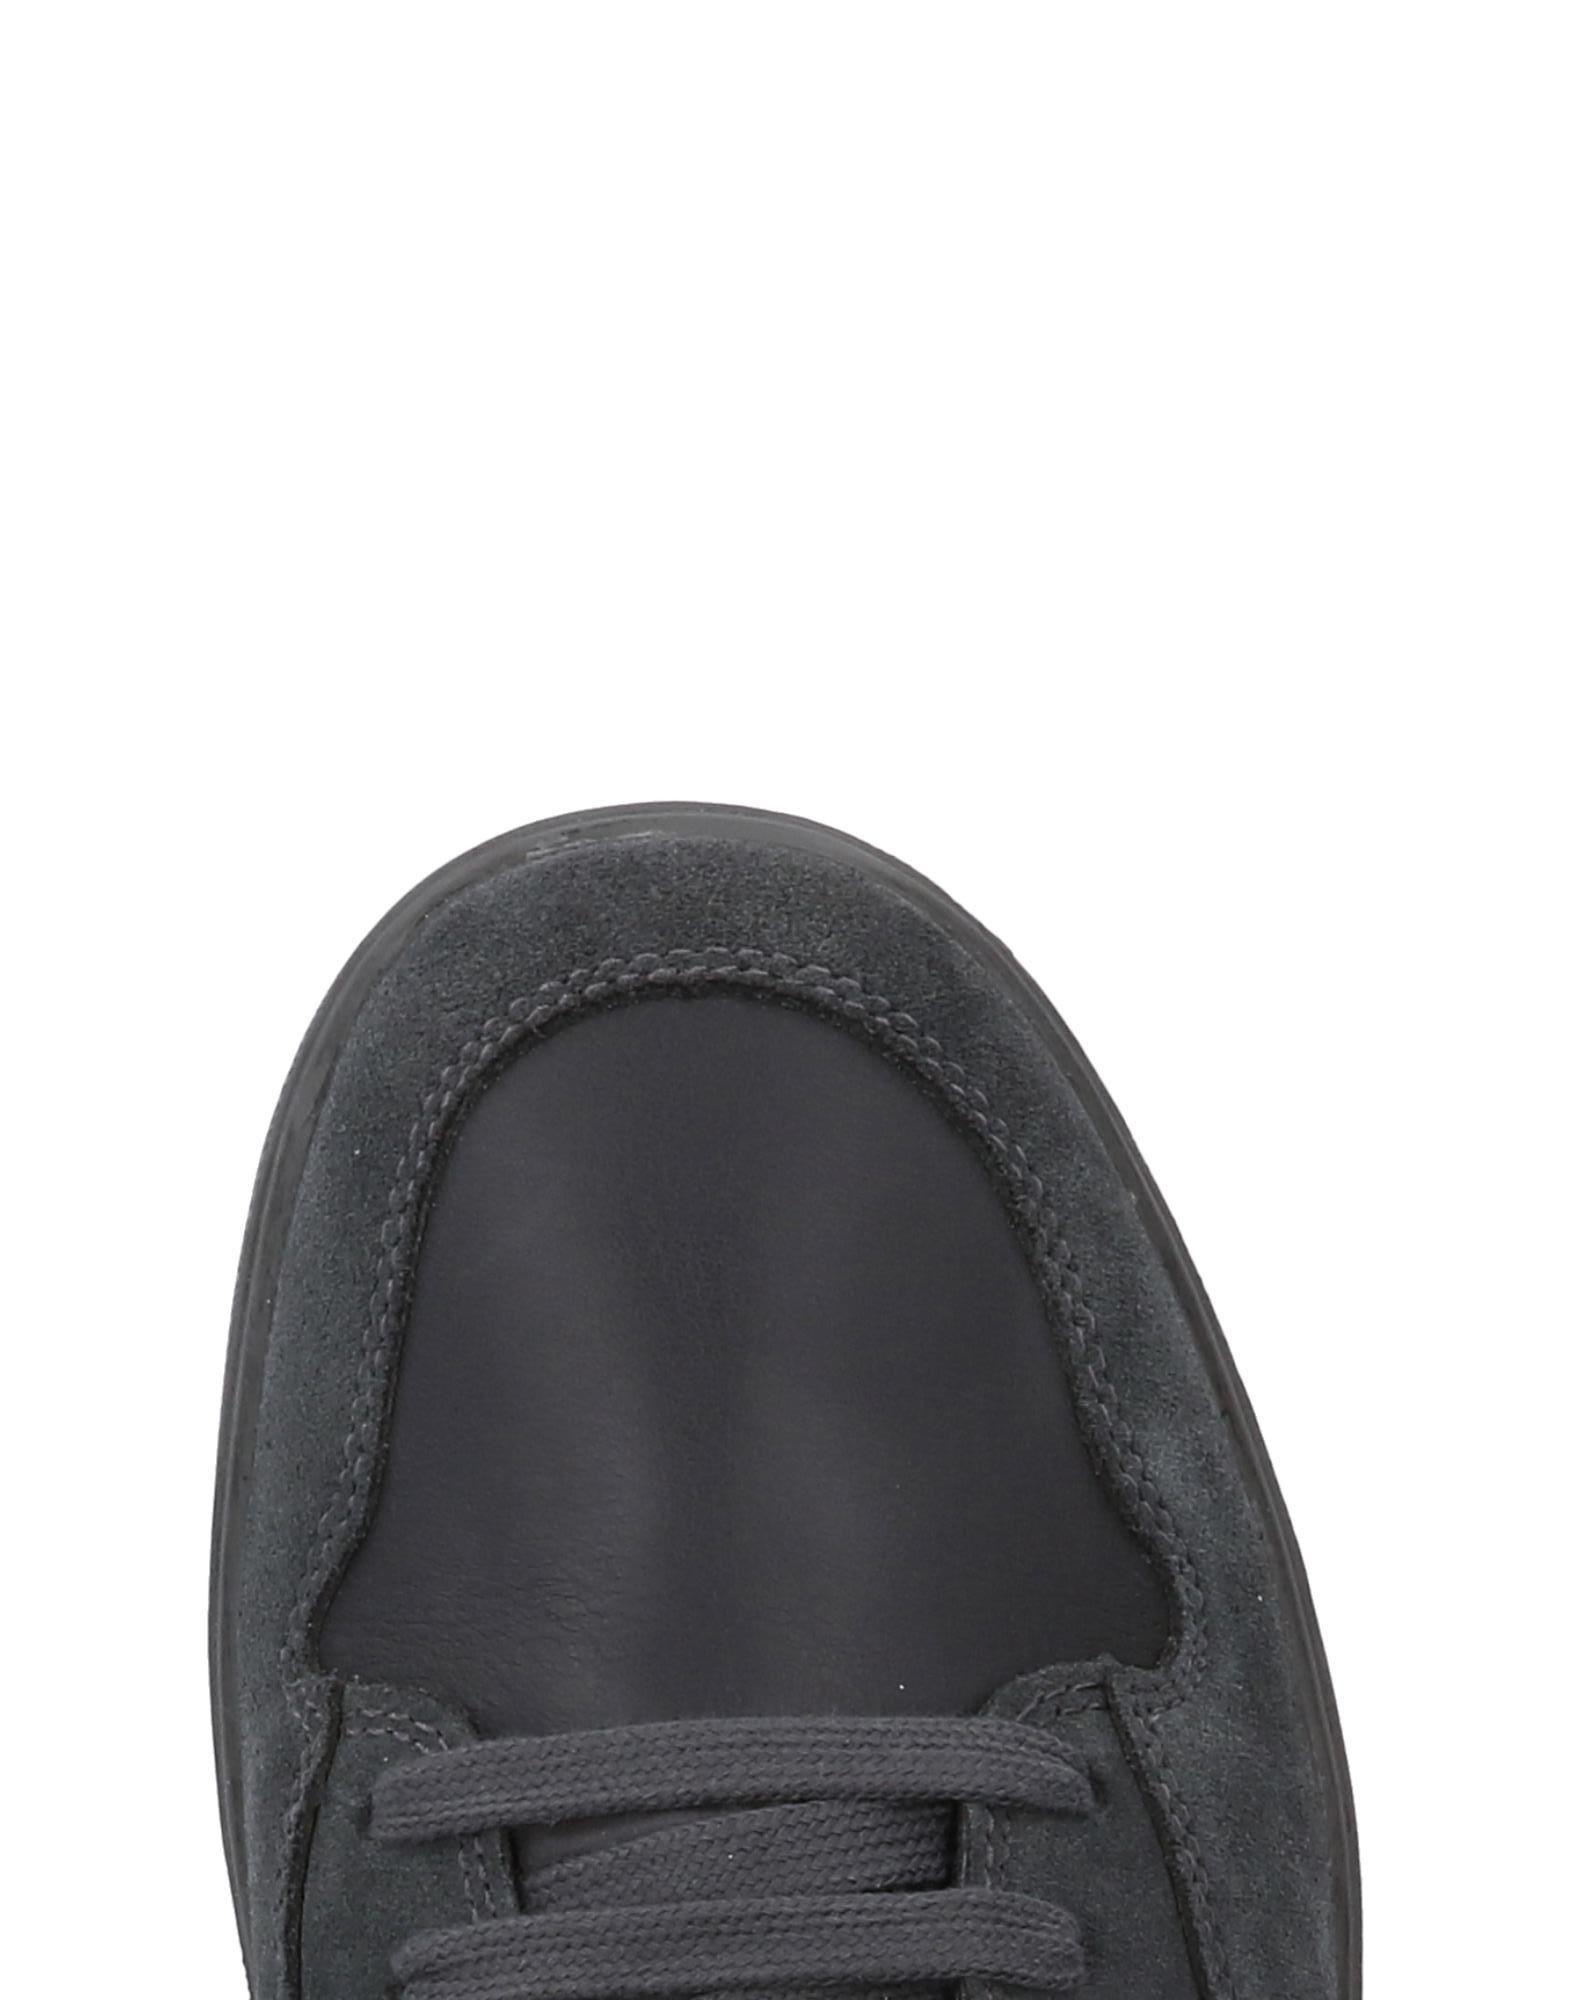 Geox Sneakers Herren Herren Sneakers  11496748VH 327af1